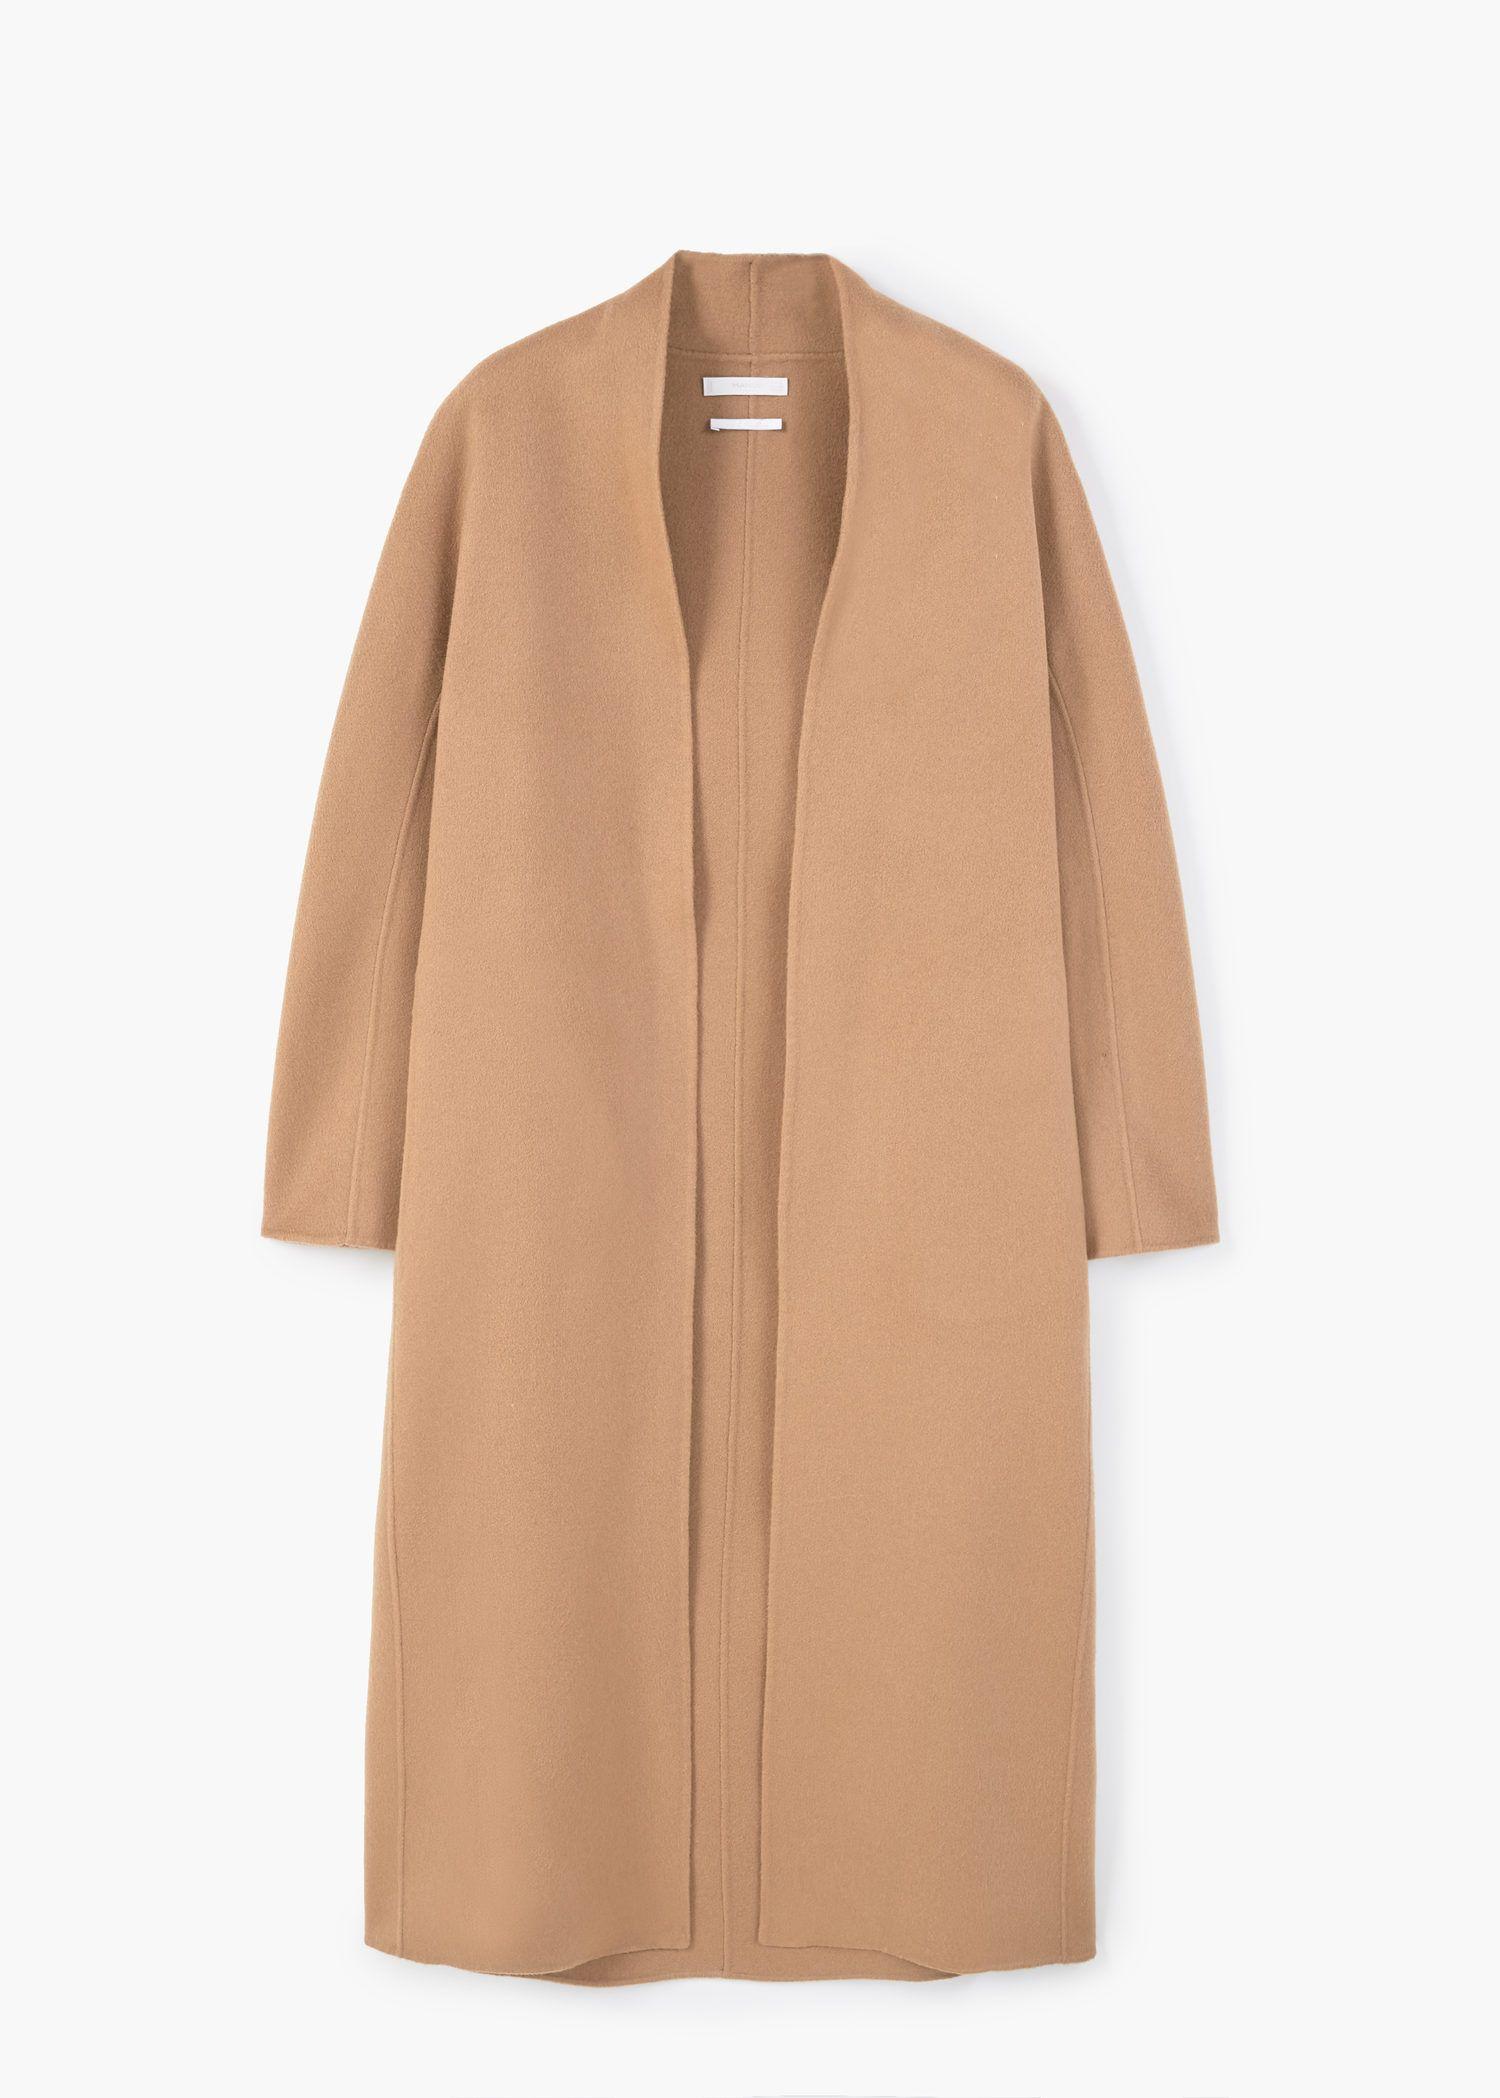 50% rebajado mejor selección Cantidad limitada abrigo camel